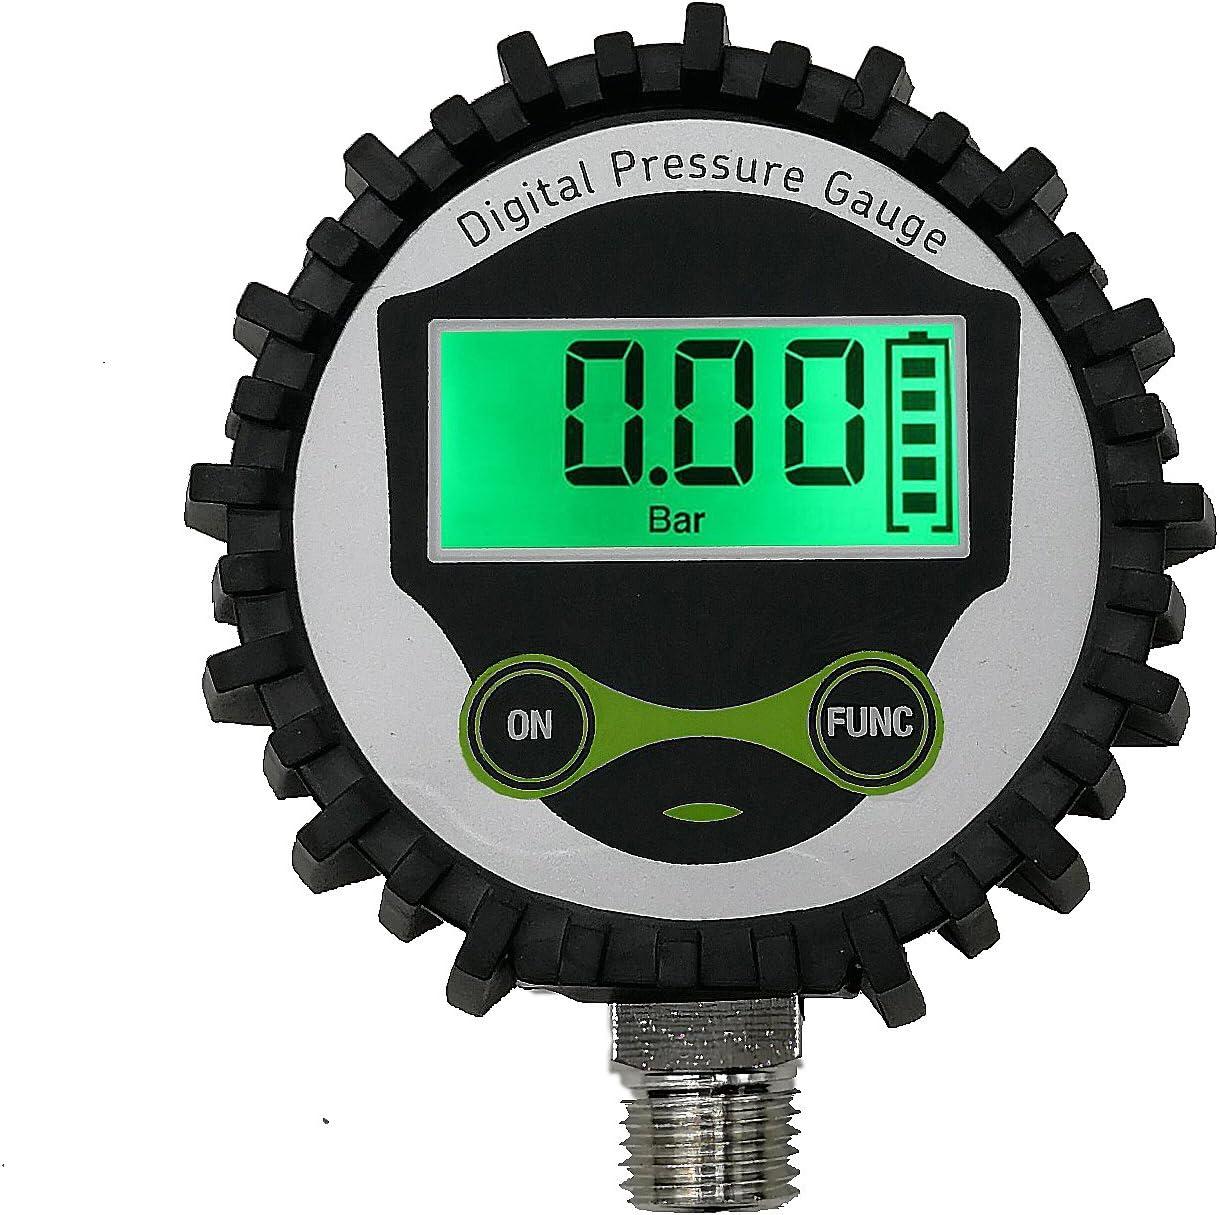 Digital Gas Manometer Mit 1 4 Npt Anschlus Unten Und Gummi Protecter Von Uharbour 0 200 Psi Genauigkeit 1 F S Baumarkt